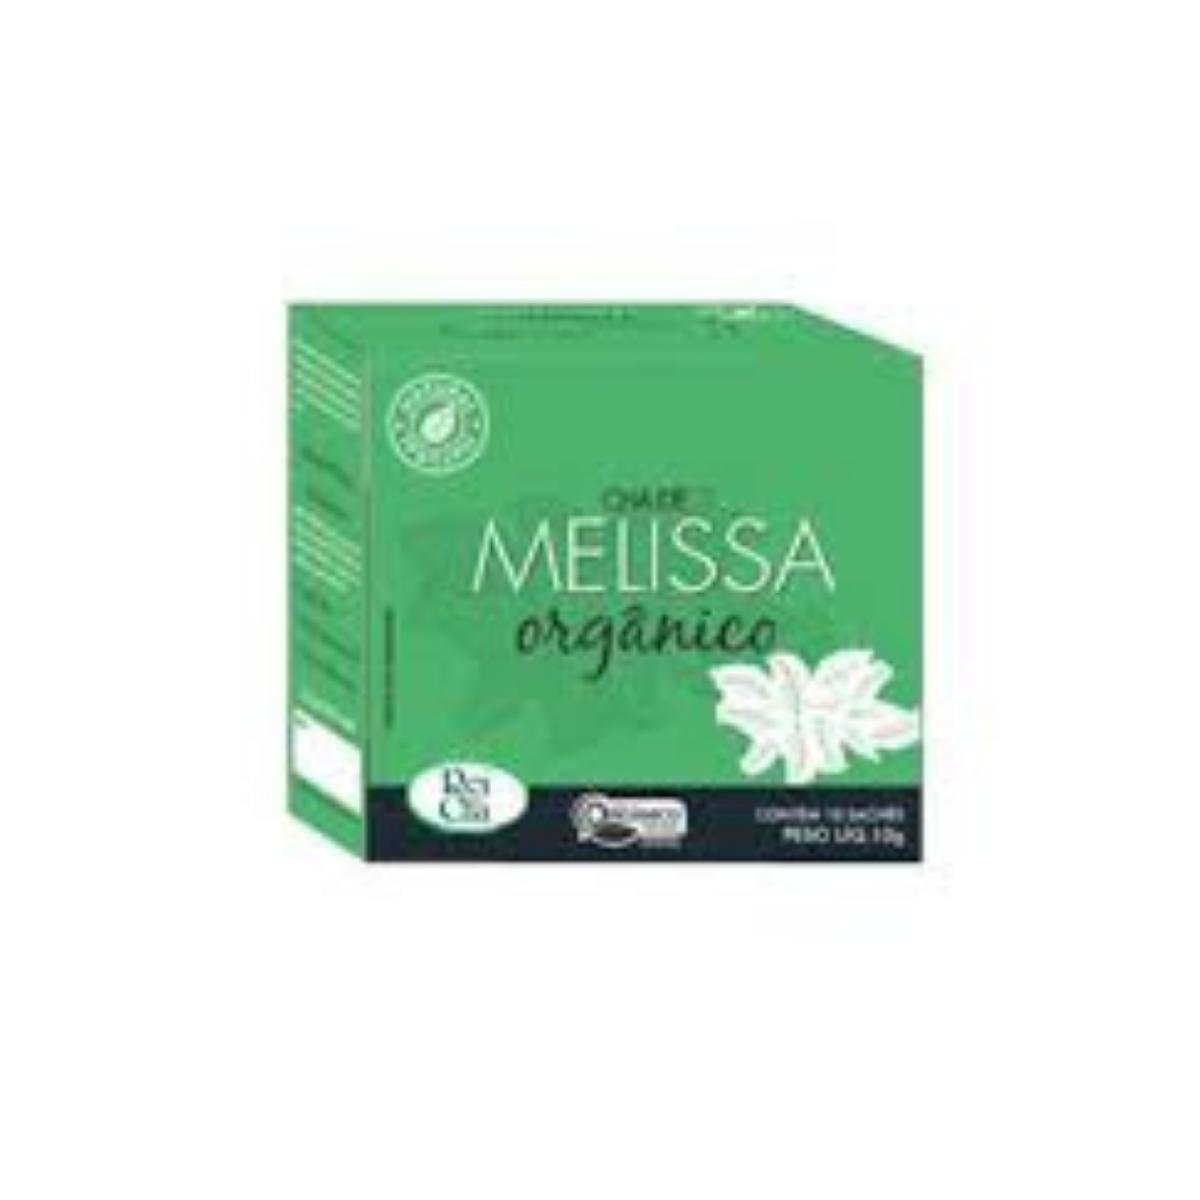 Chá de Melissa Organico 10 x 10g - Campo Verde